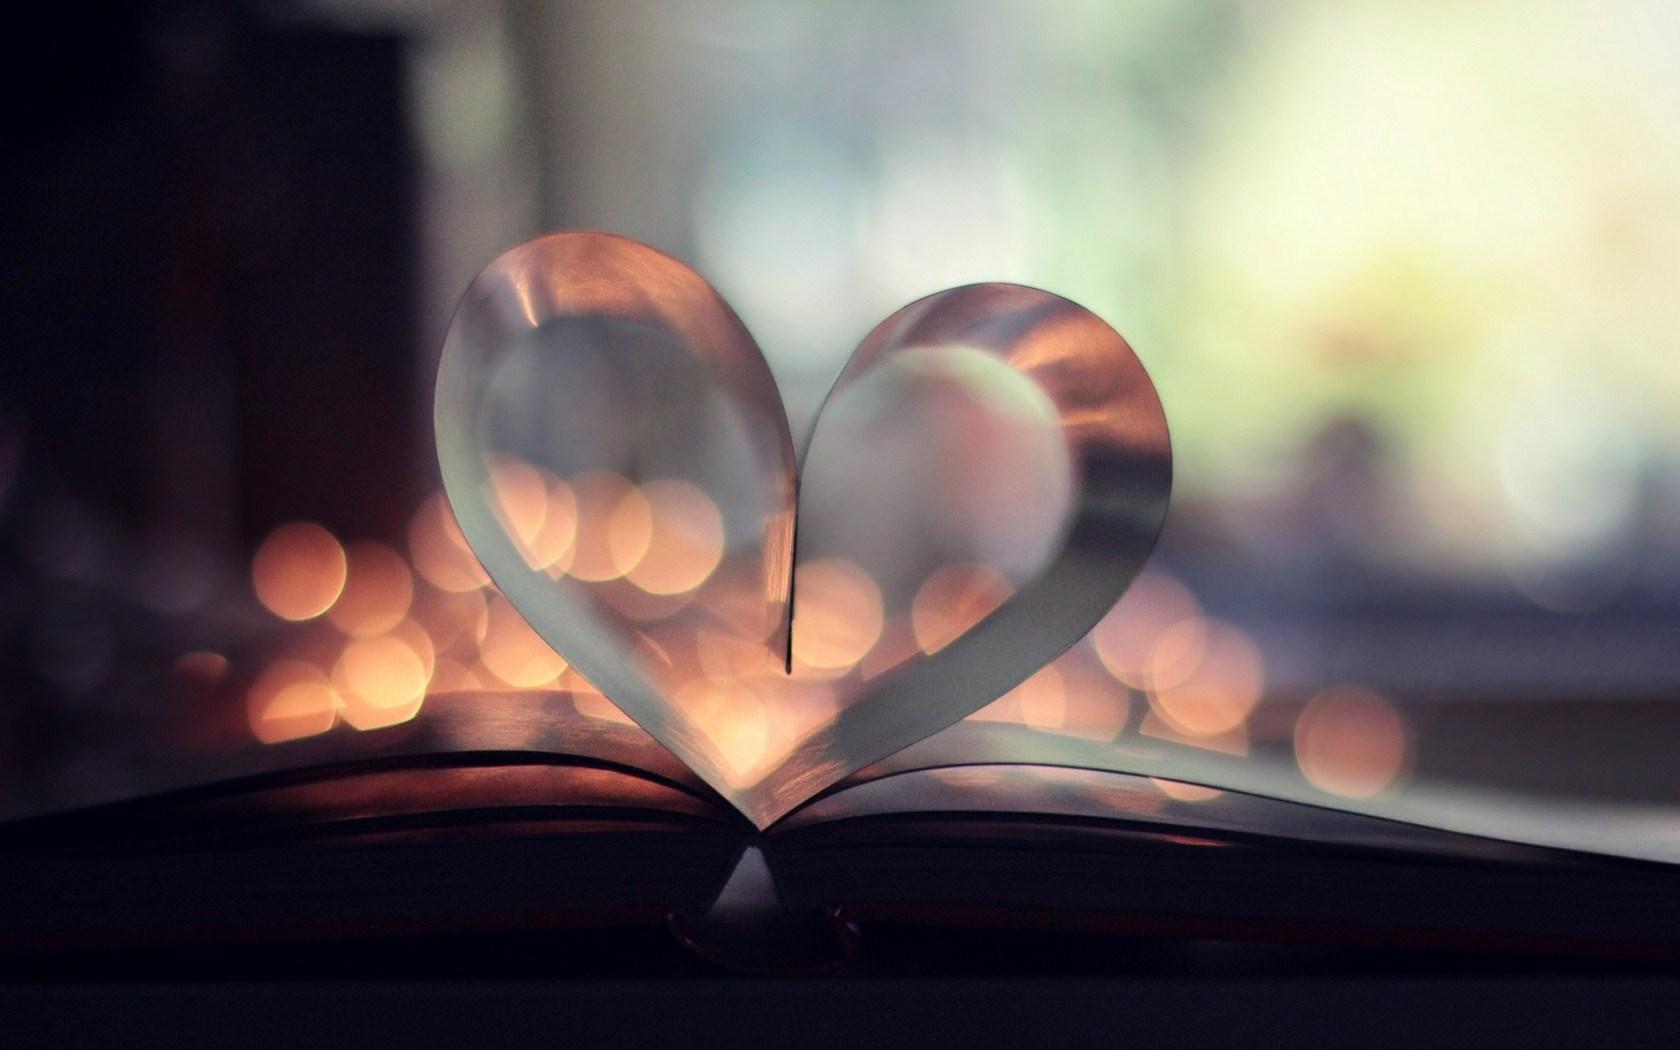 Book Heart Love Bokeh Lights HD Wallpaper